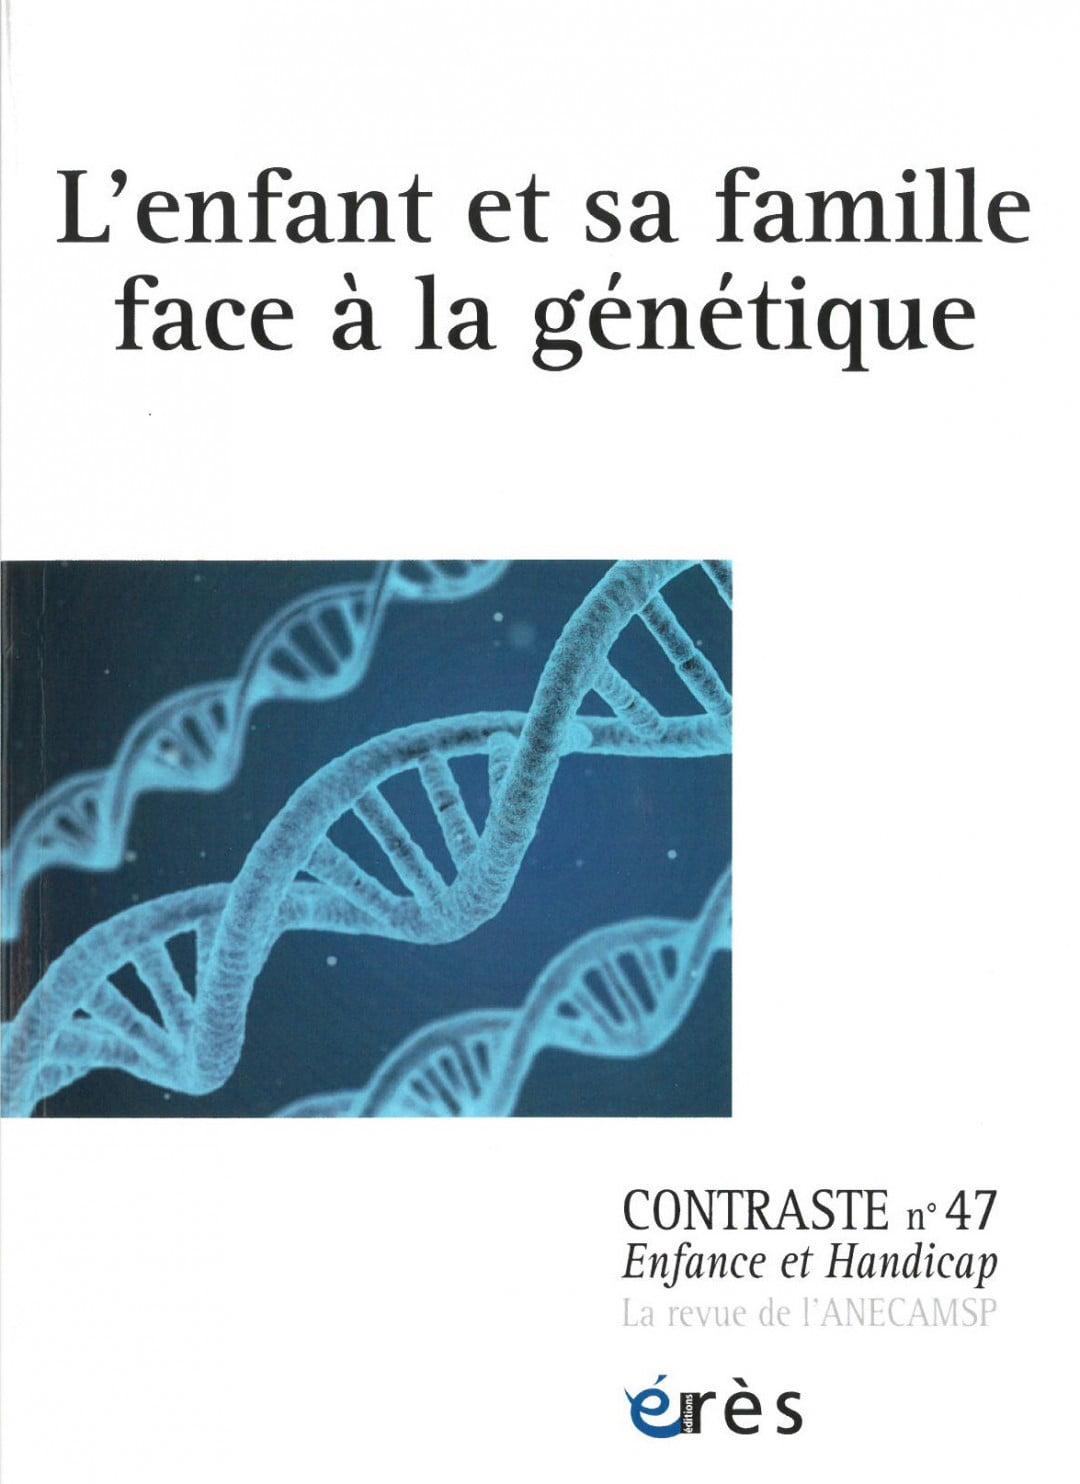 Revue Contraste n°47